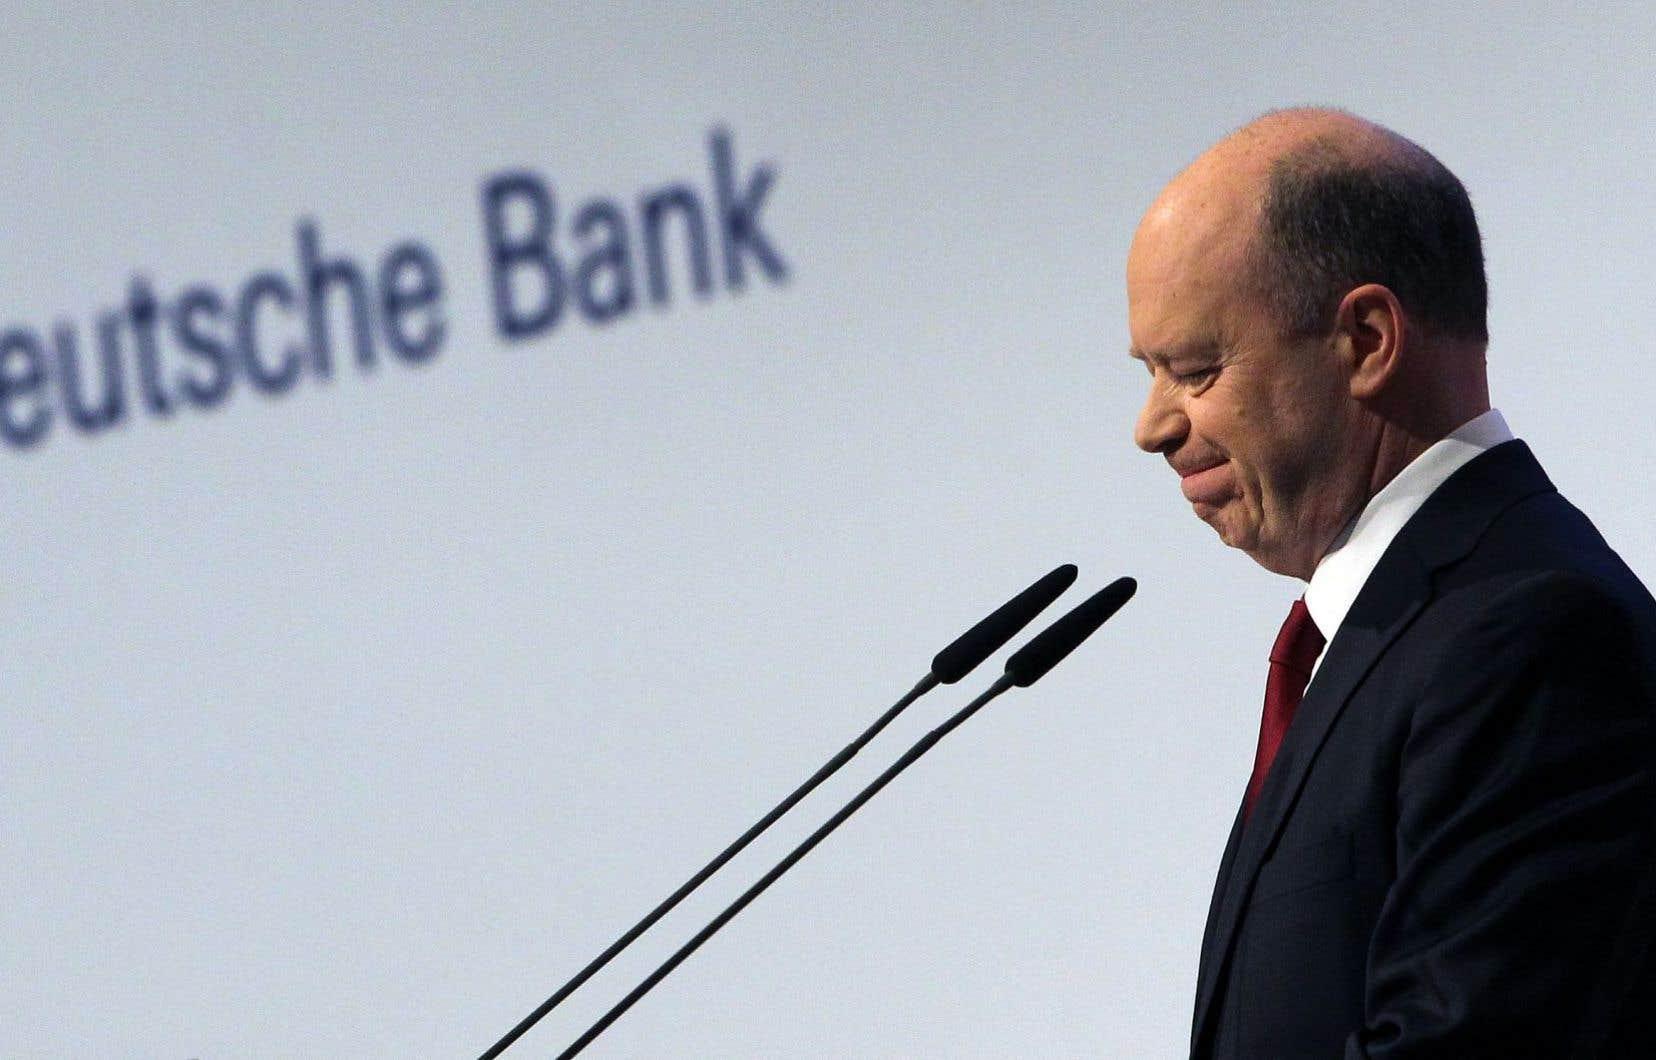 Le patron de Deutsche Bank, John Cryan, a dit croire que certains ont intérêt à faire plonger le cours du titre de la banque.